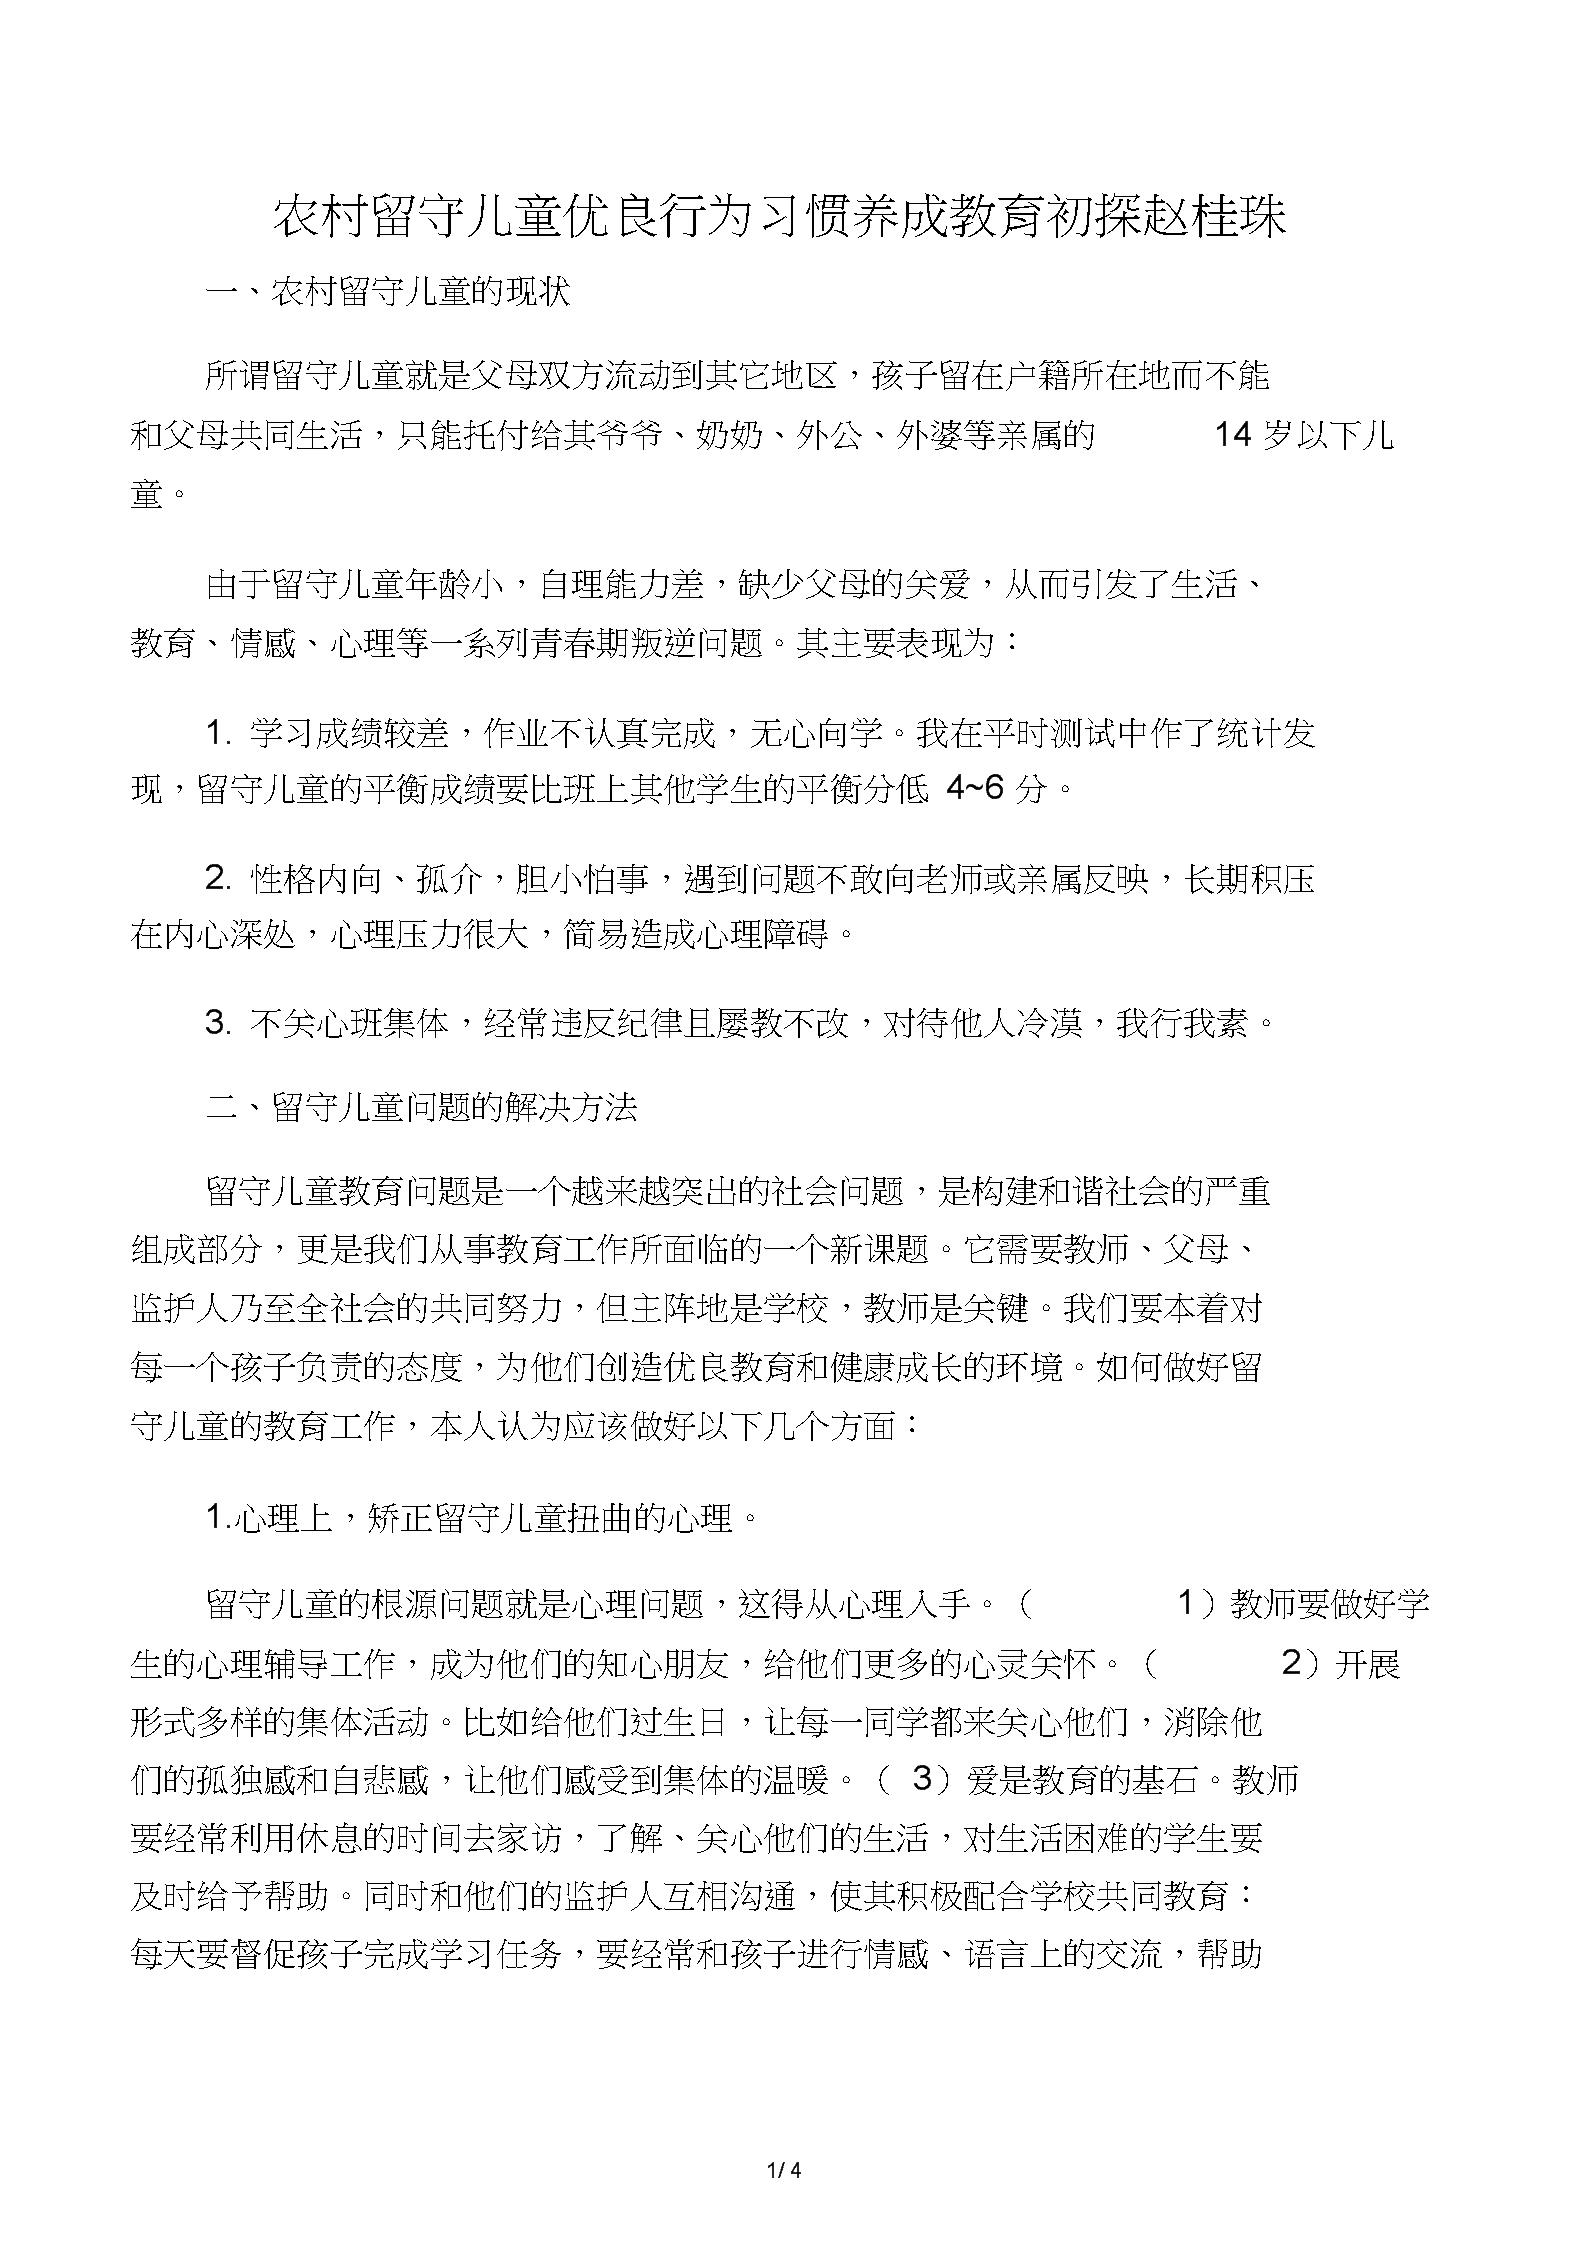 农村留守儿童良好行为习惯养成教育初探赵桂珠.docx